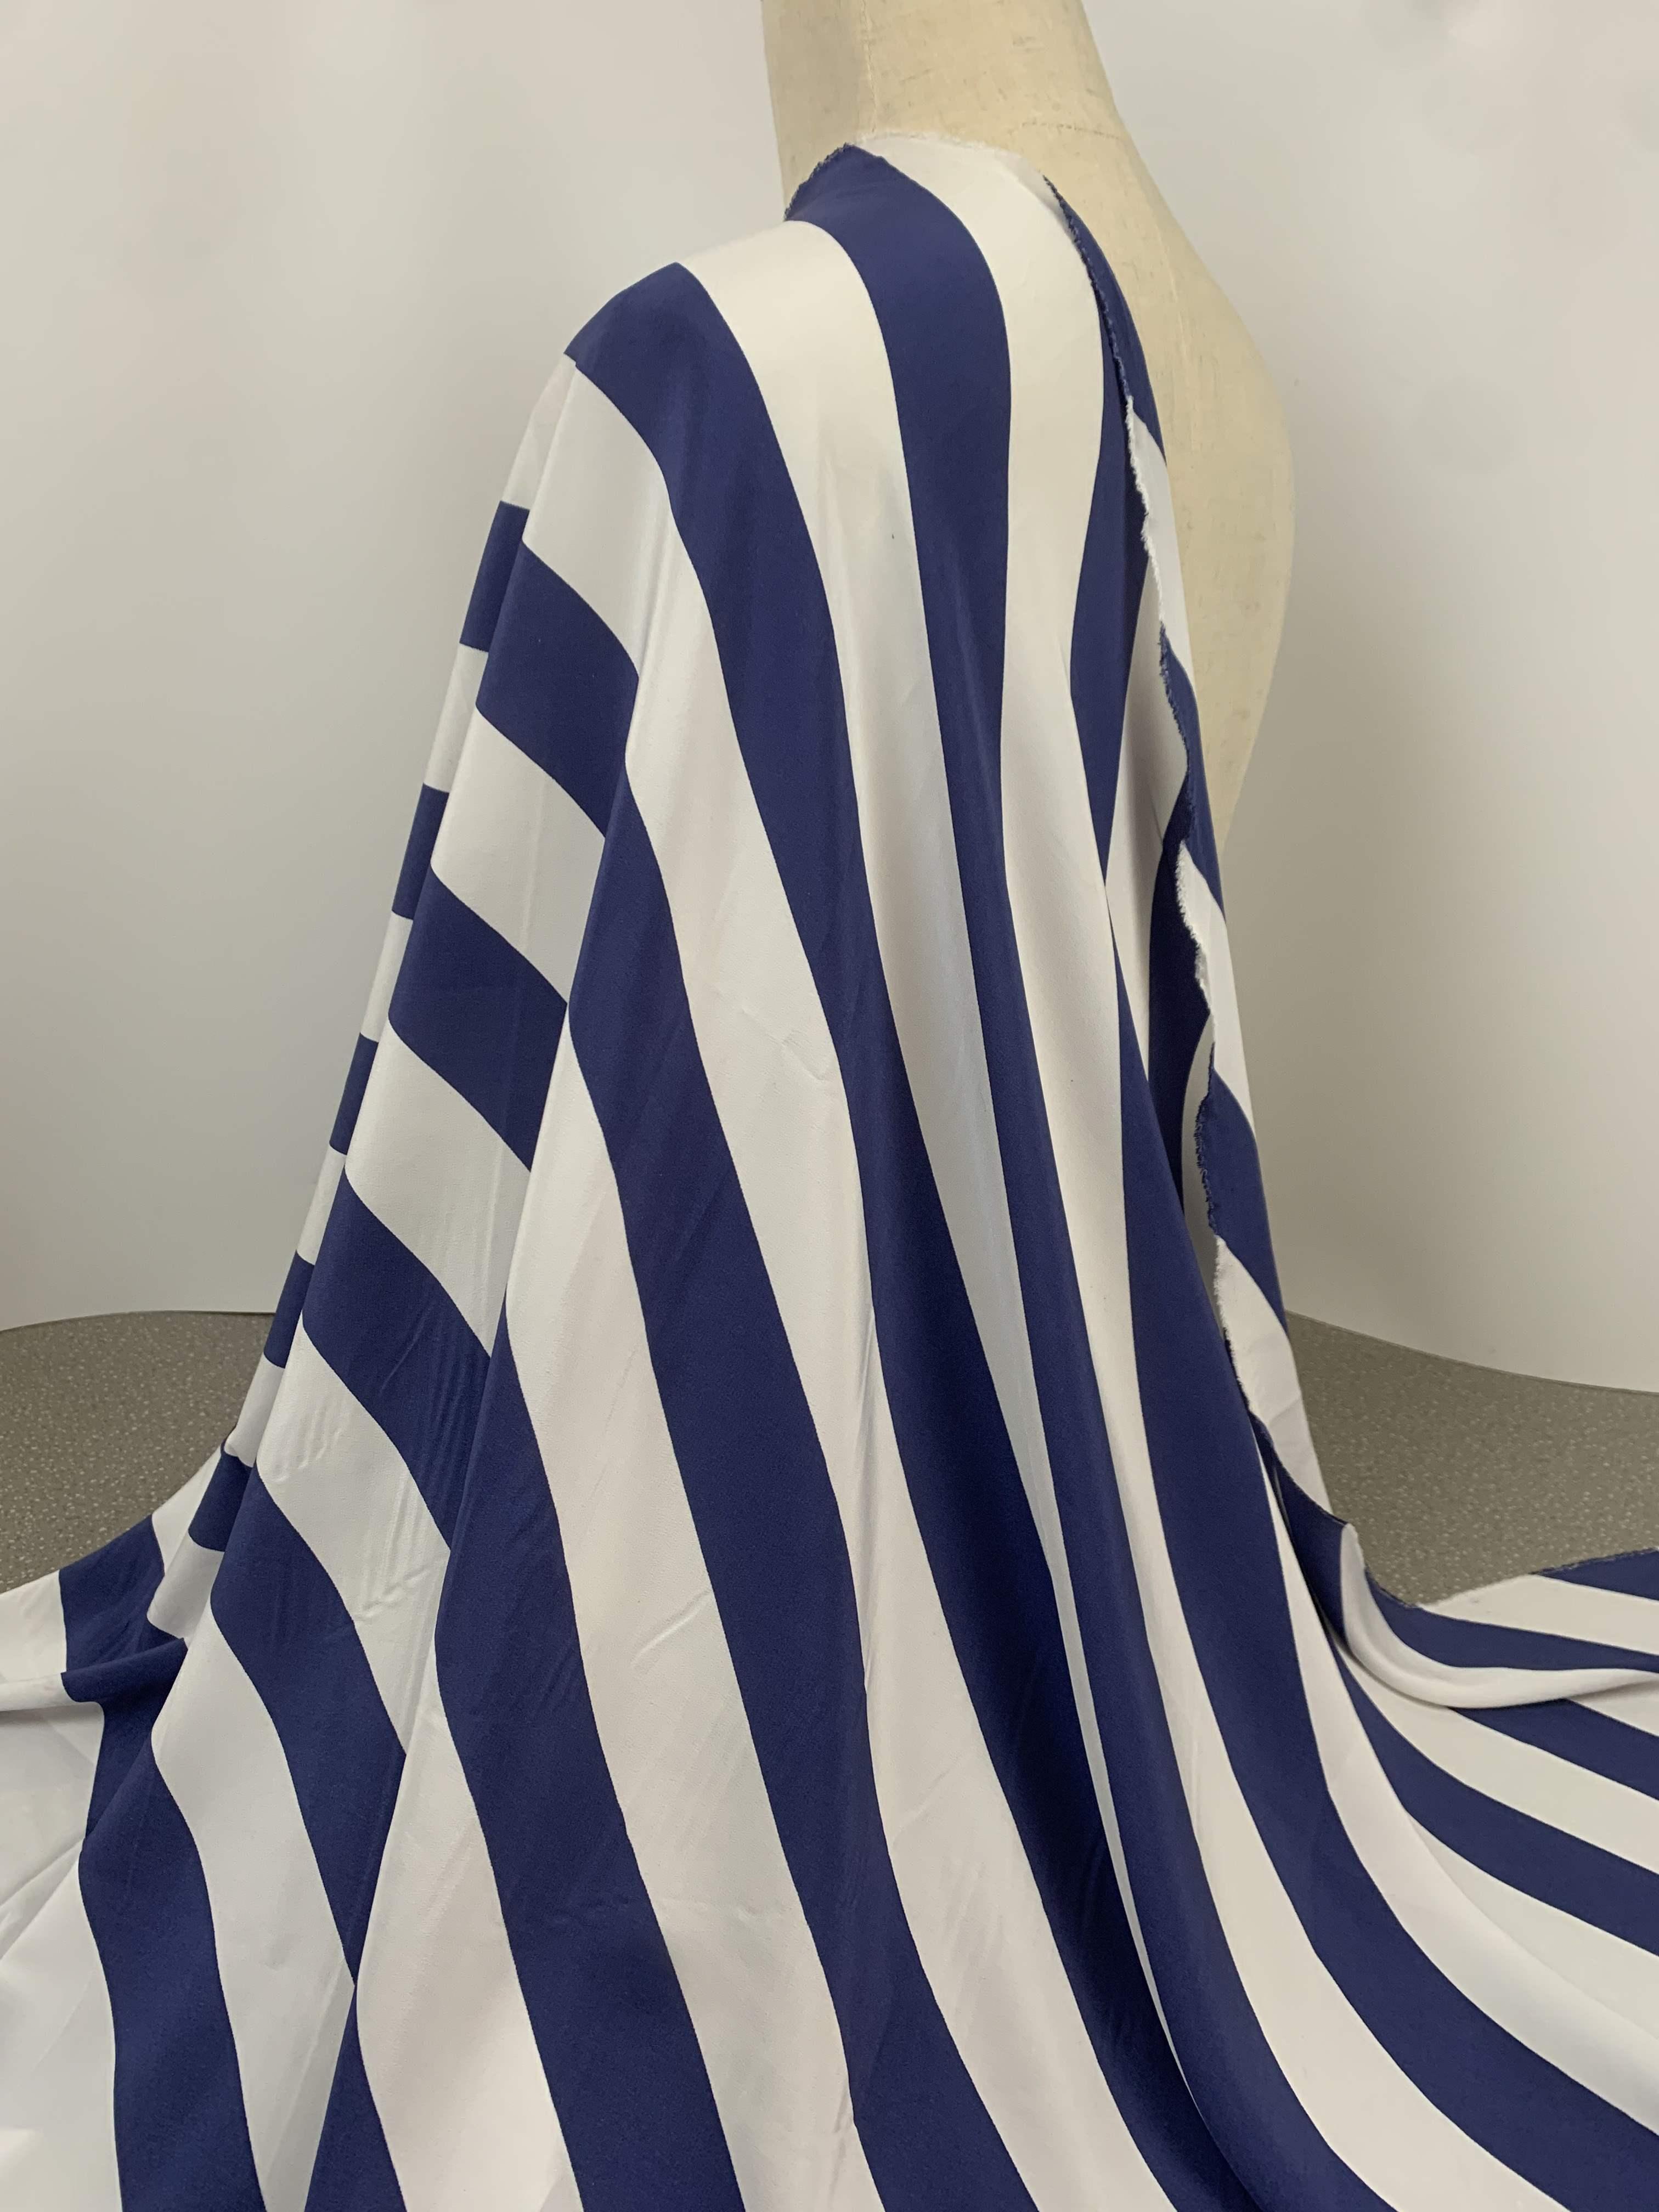 面料衬衫布料新品蓝白宽条纹真丝双绉夏季连衣裙阔腿裤桑蚕丝